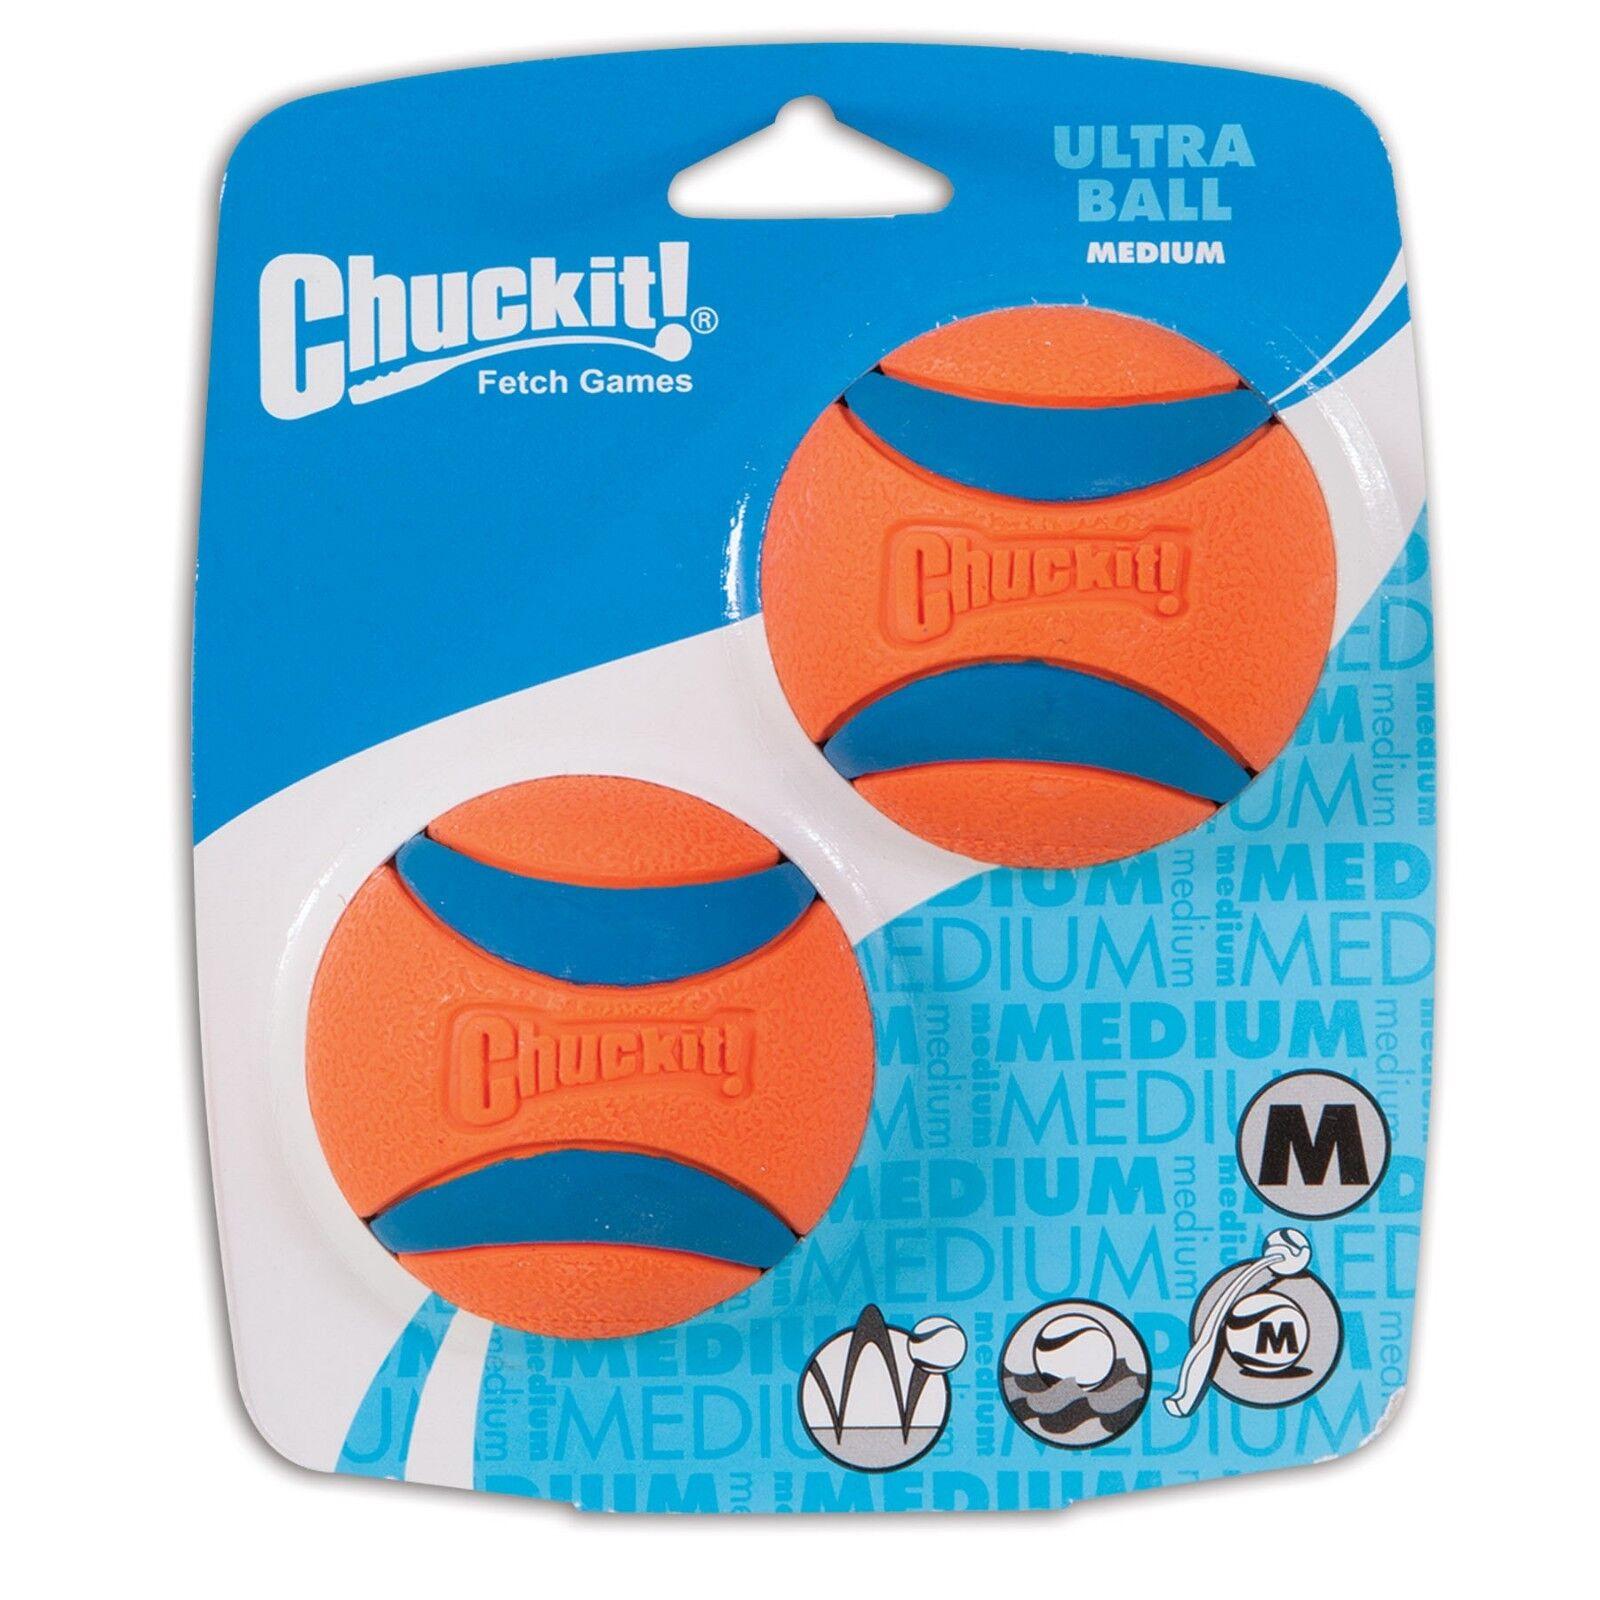 Chuckit! Ultra balls medium 1 Stk= 2-er Pack Hundeball Bälle schwimmfähig